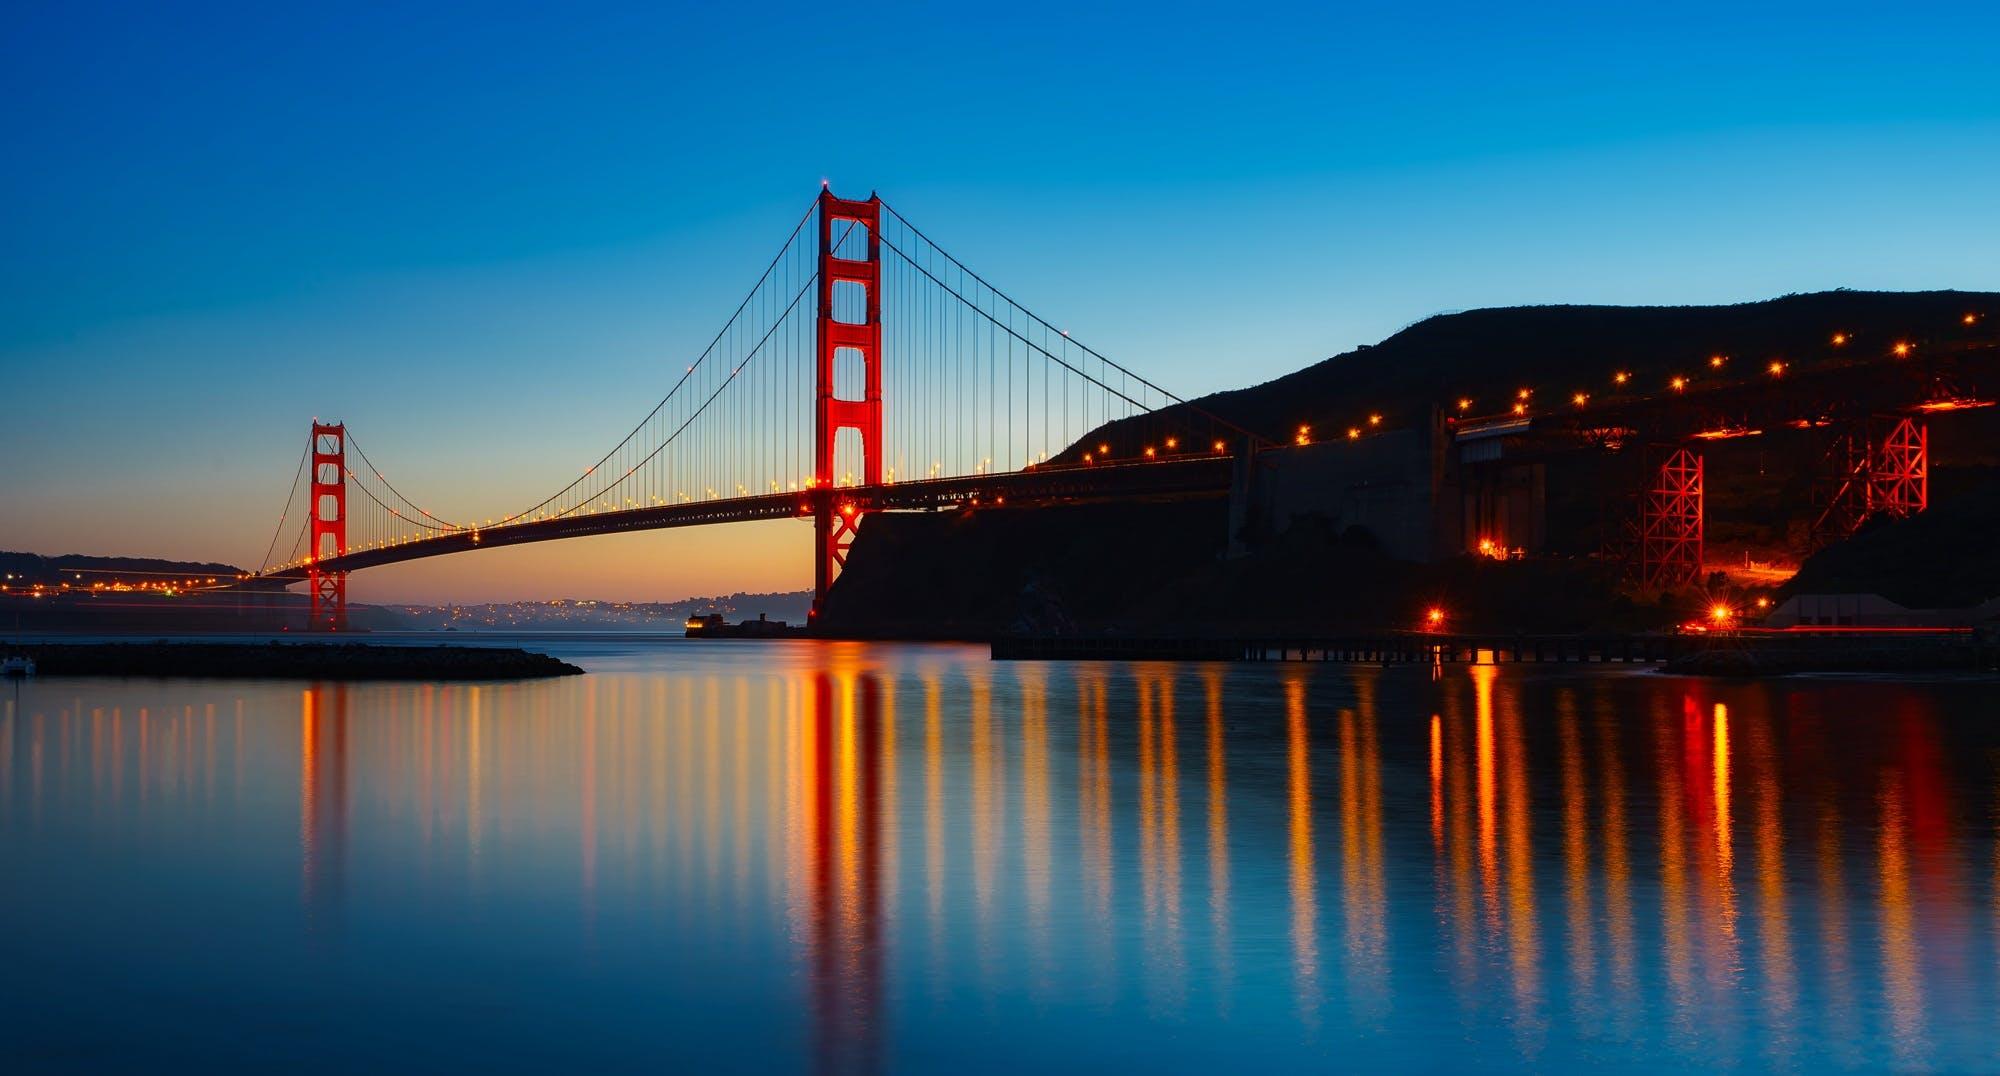 architecture, bay, beautiful